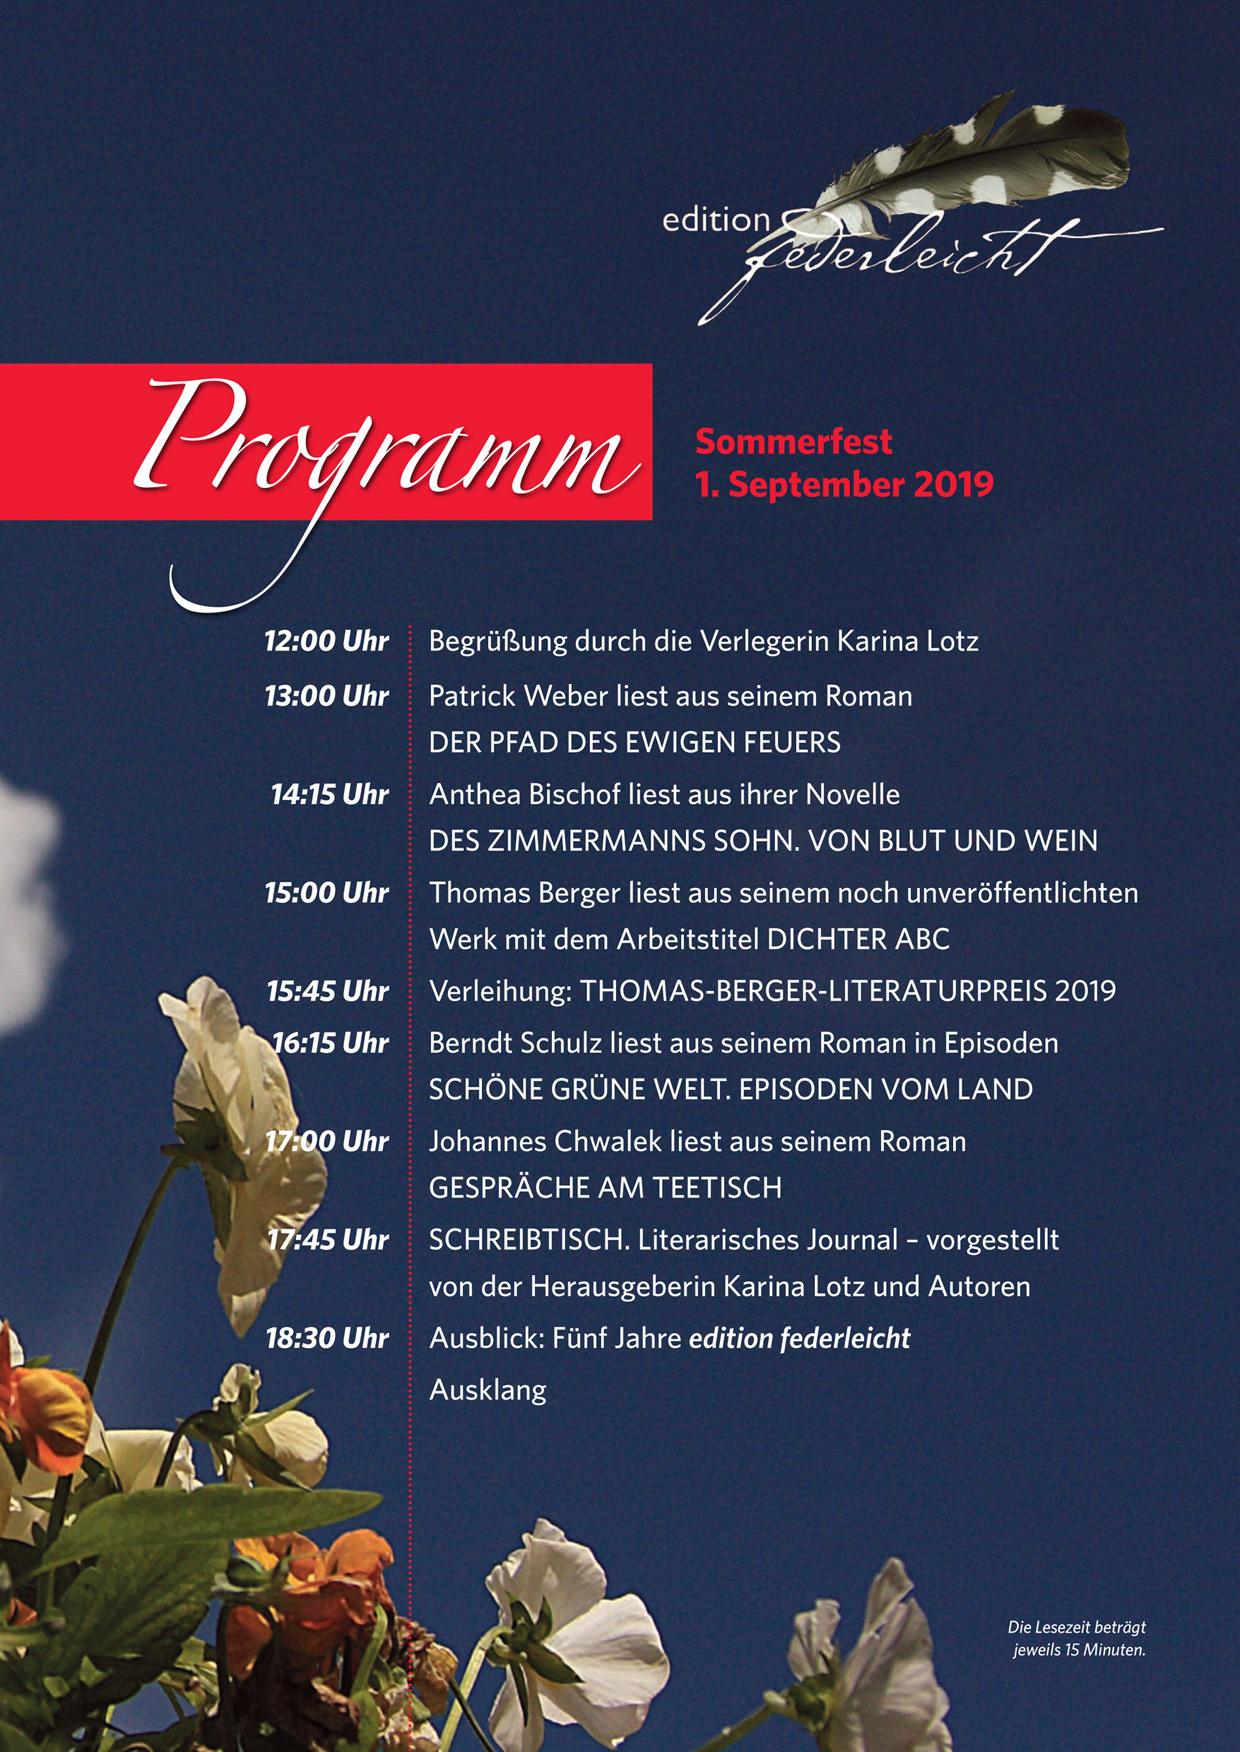 Sommerfest edition federleicht in Lollar